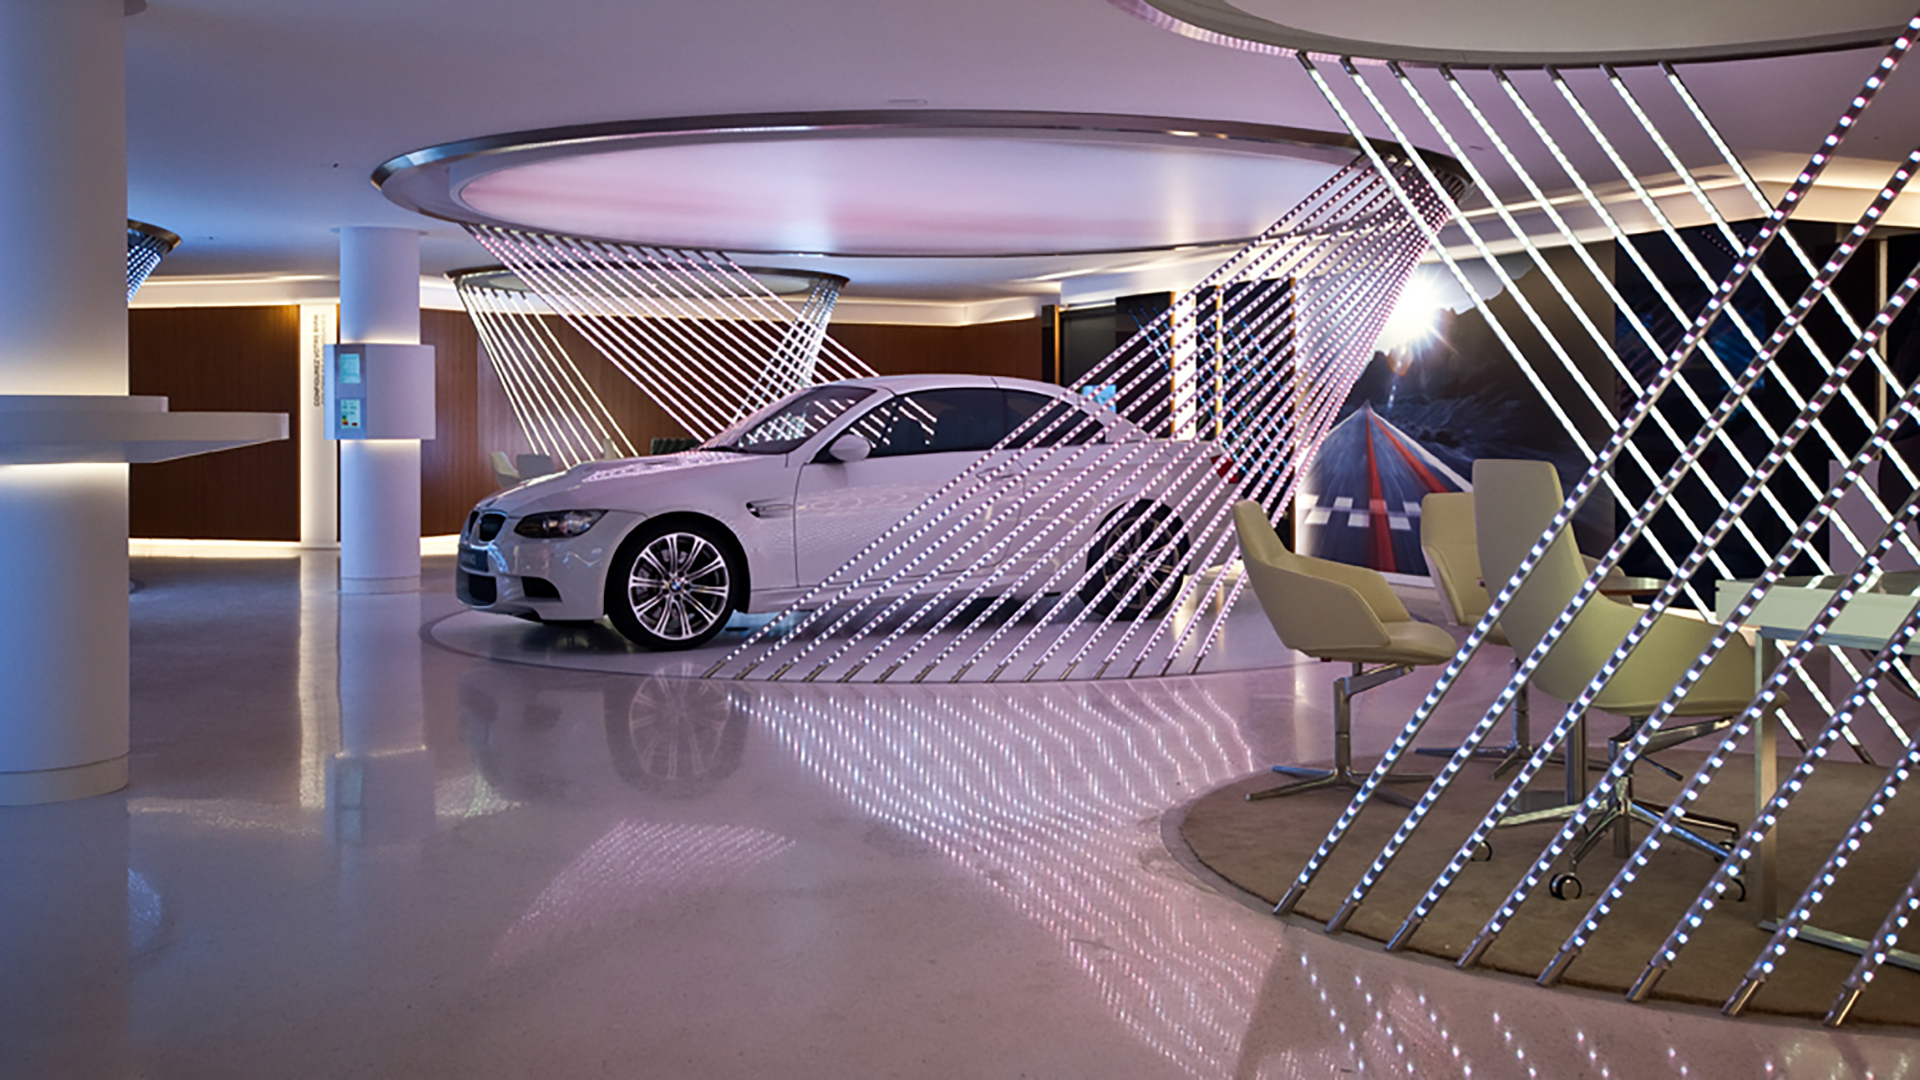 BMW (Concept store Georges V)PDV 29 FEV 2012